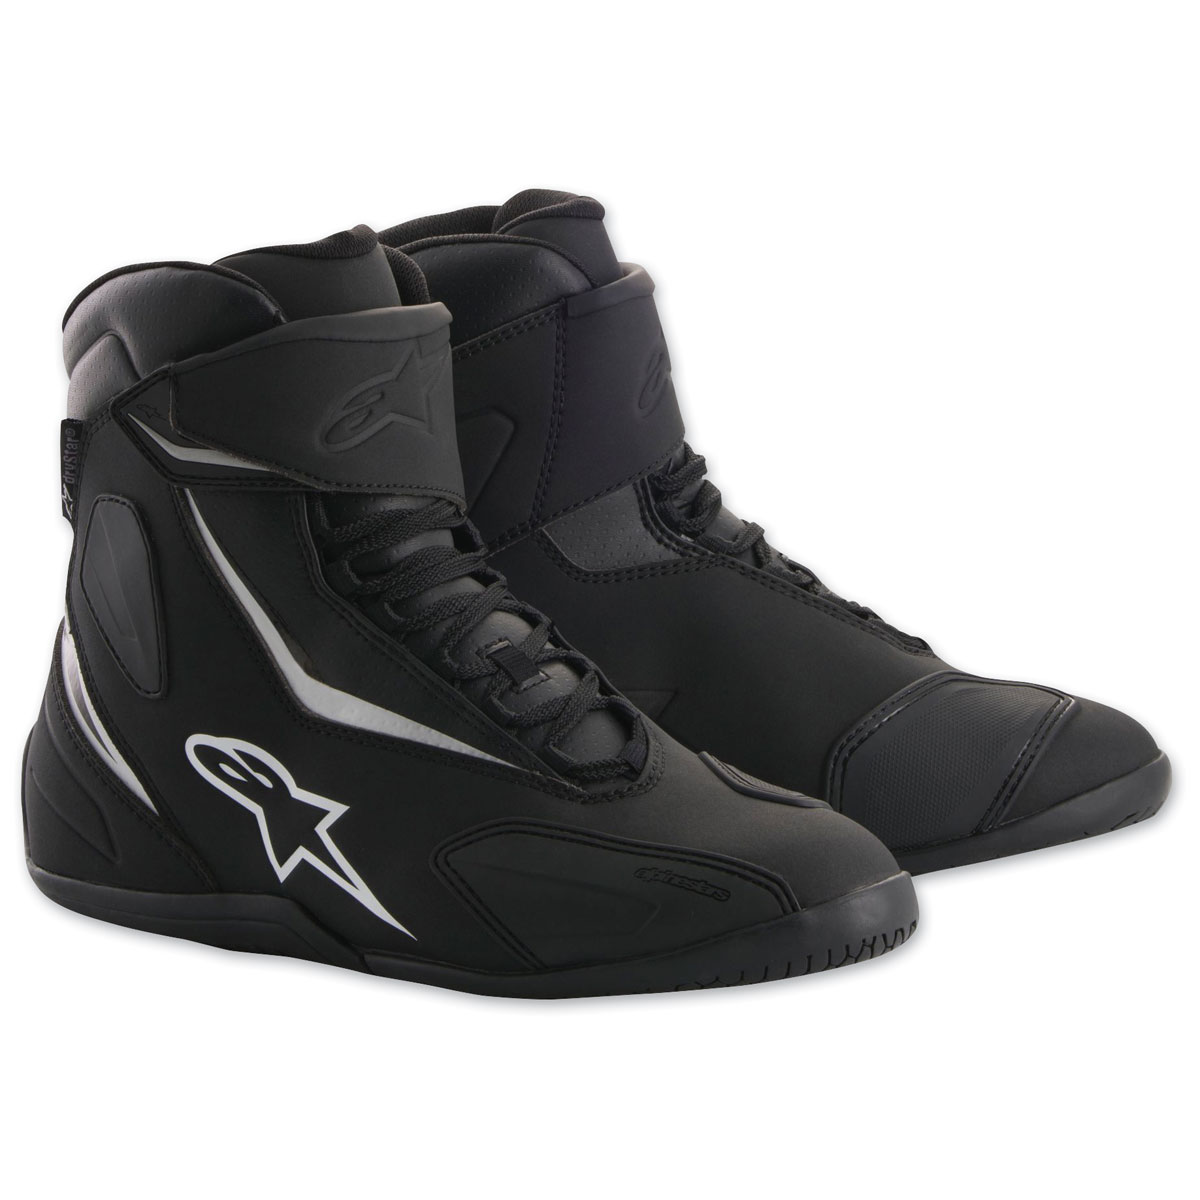 Alpinestars Men's Fastback-2 Drystar Black/Black Shoes